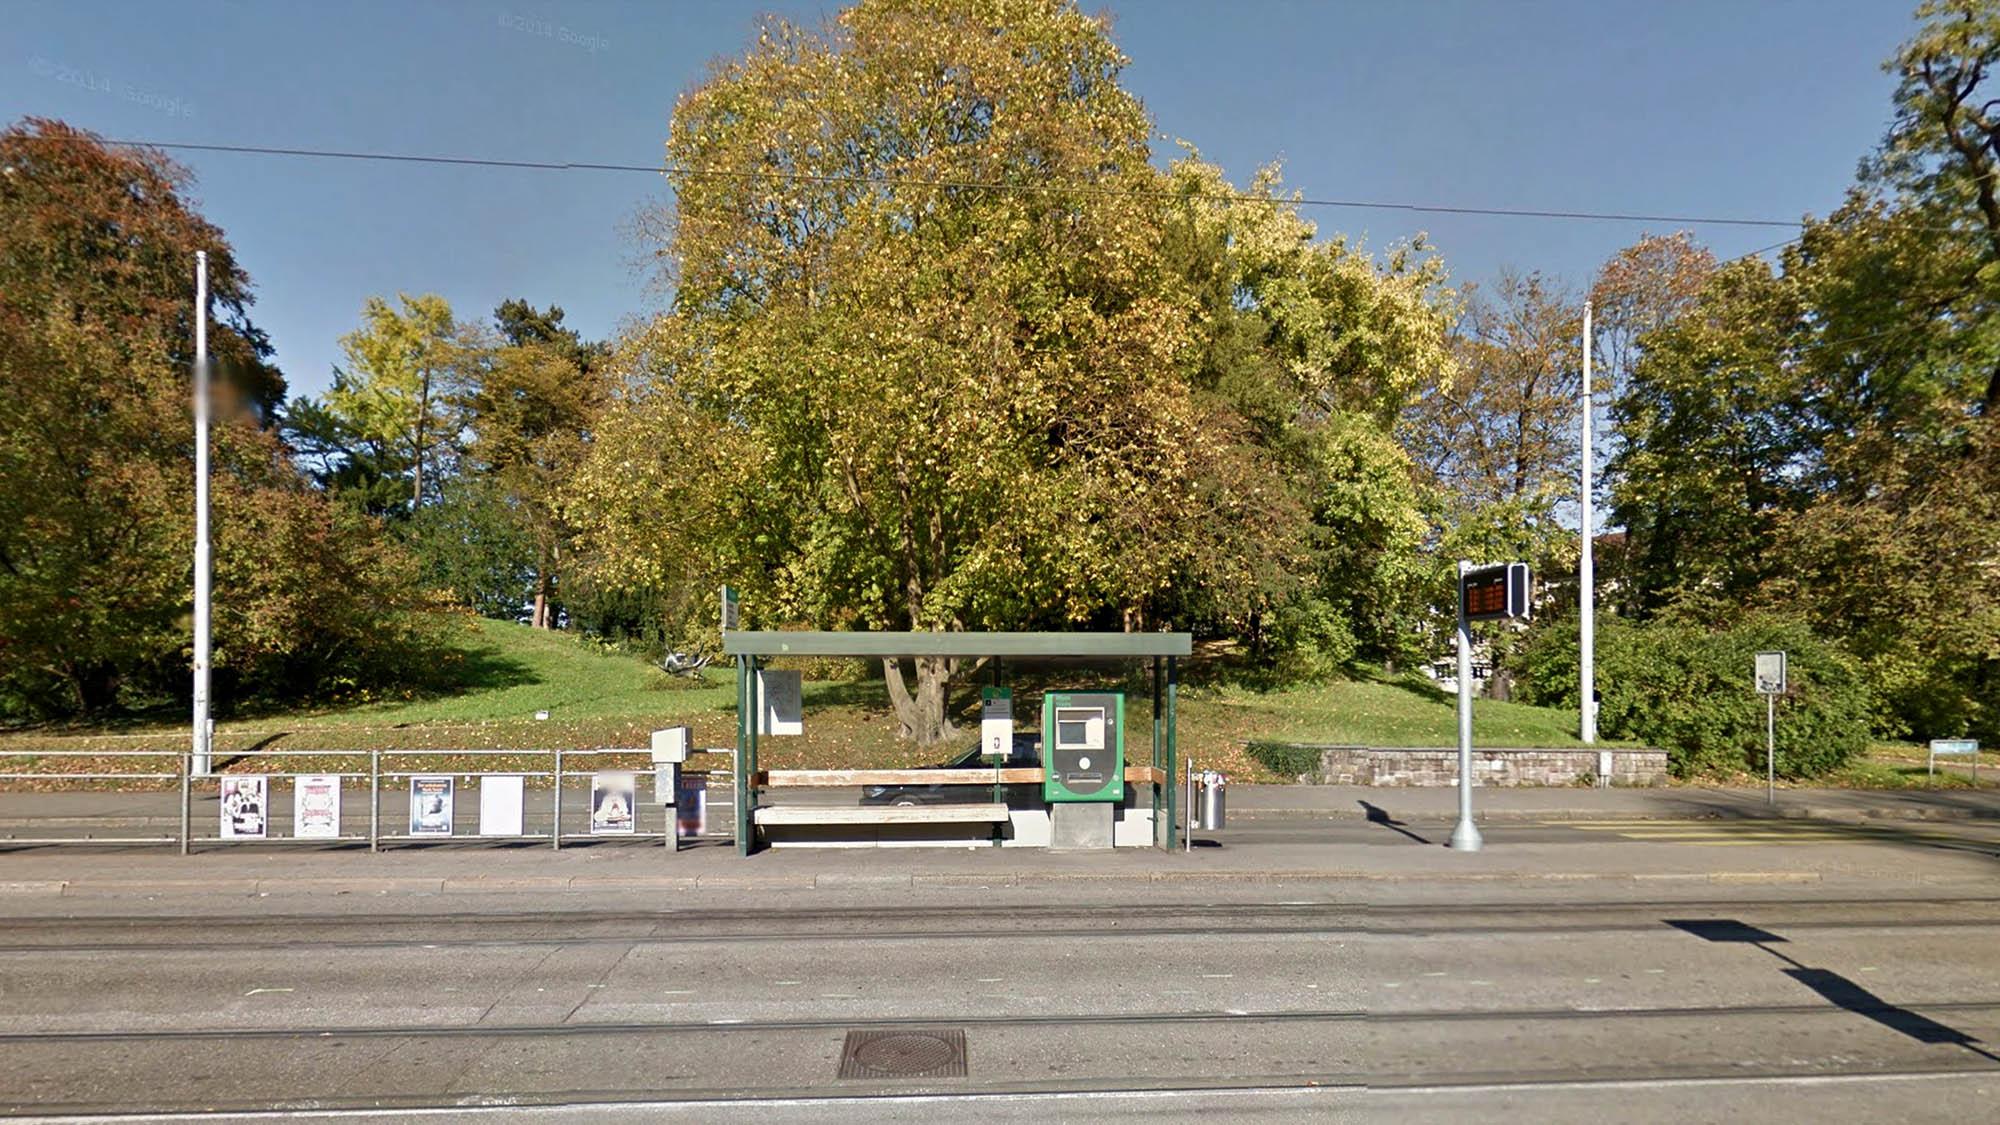 Ginge es nach den bürgerlichen Grossräten, müsste der stolze Baum bei der Tramhaltestelle St. Alban-Tor gefällt werden.